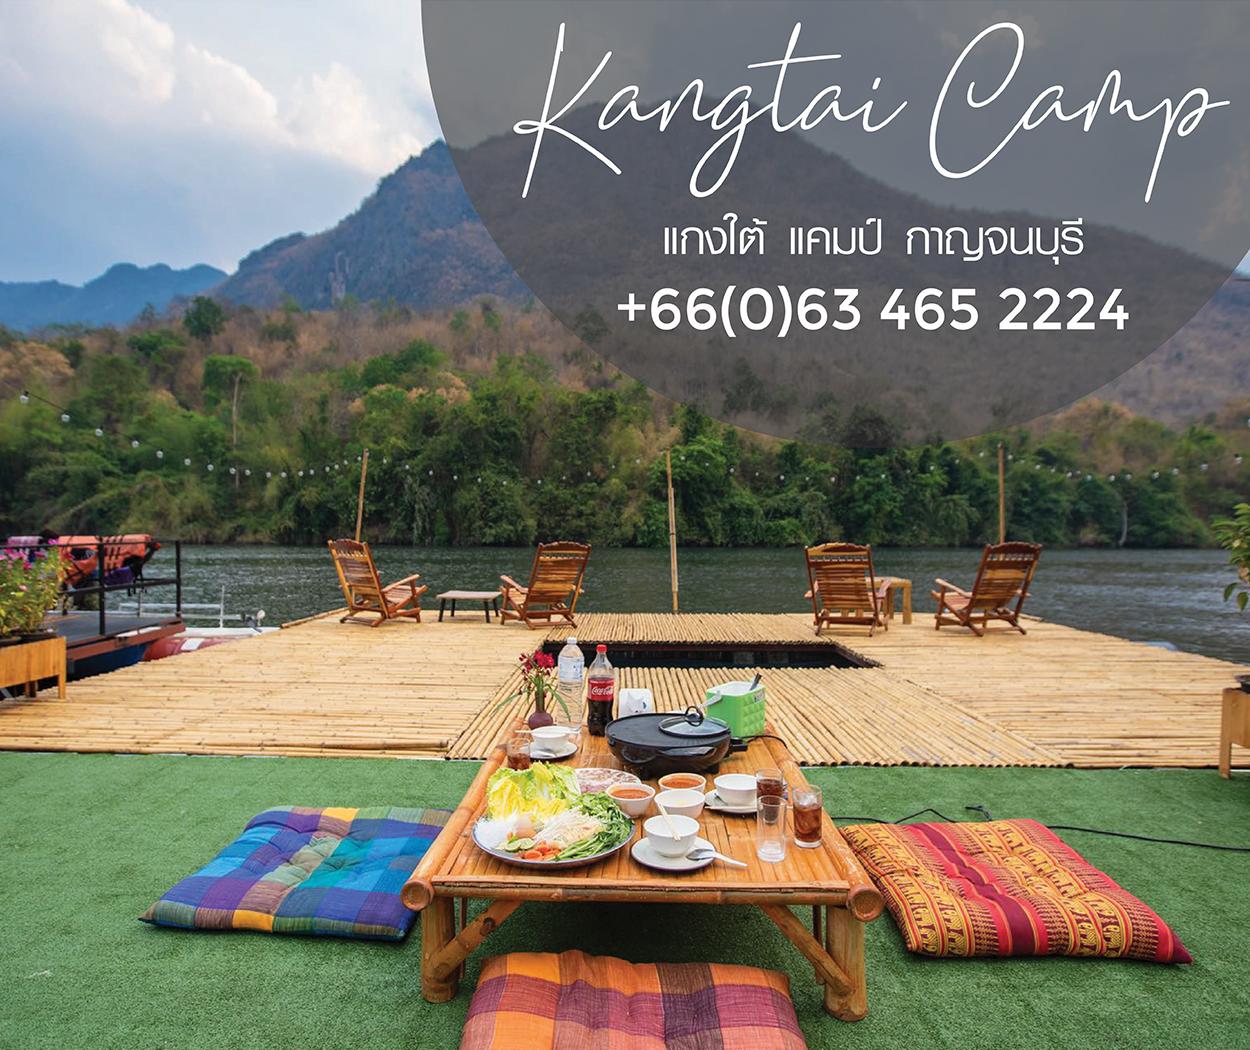 Kangtai Camp Resort